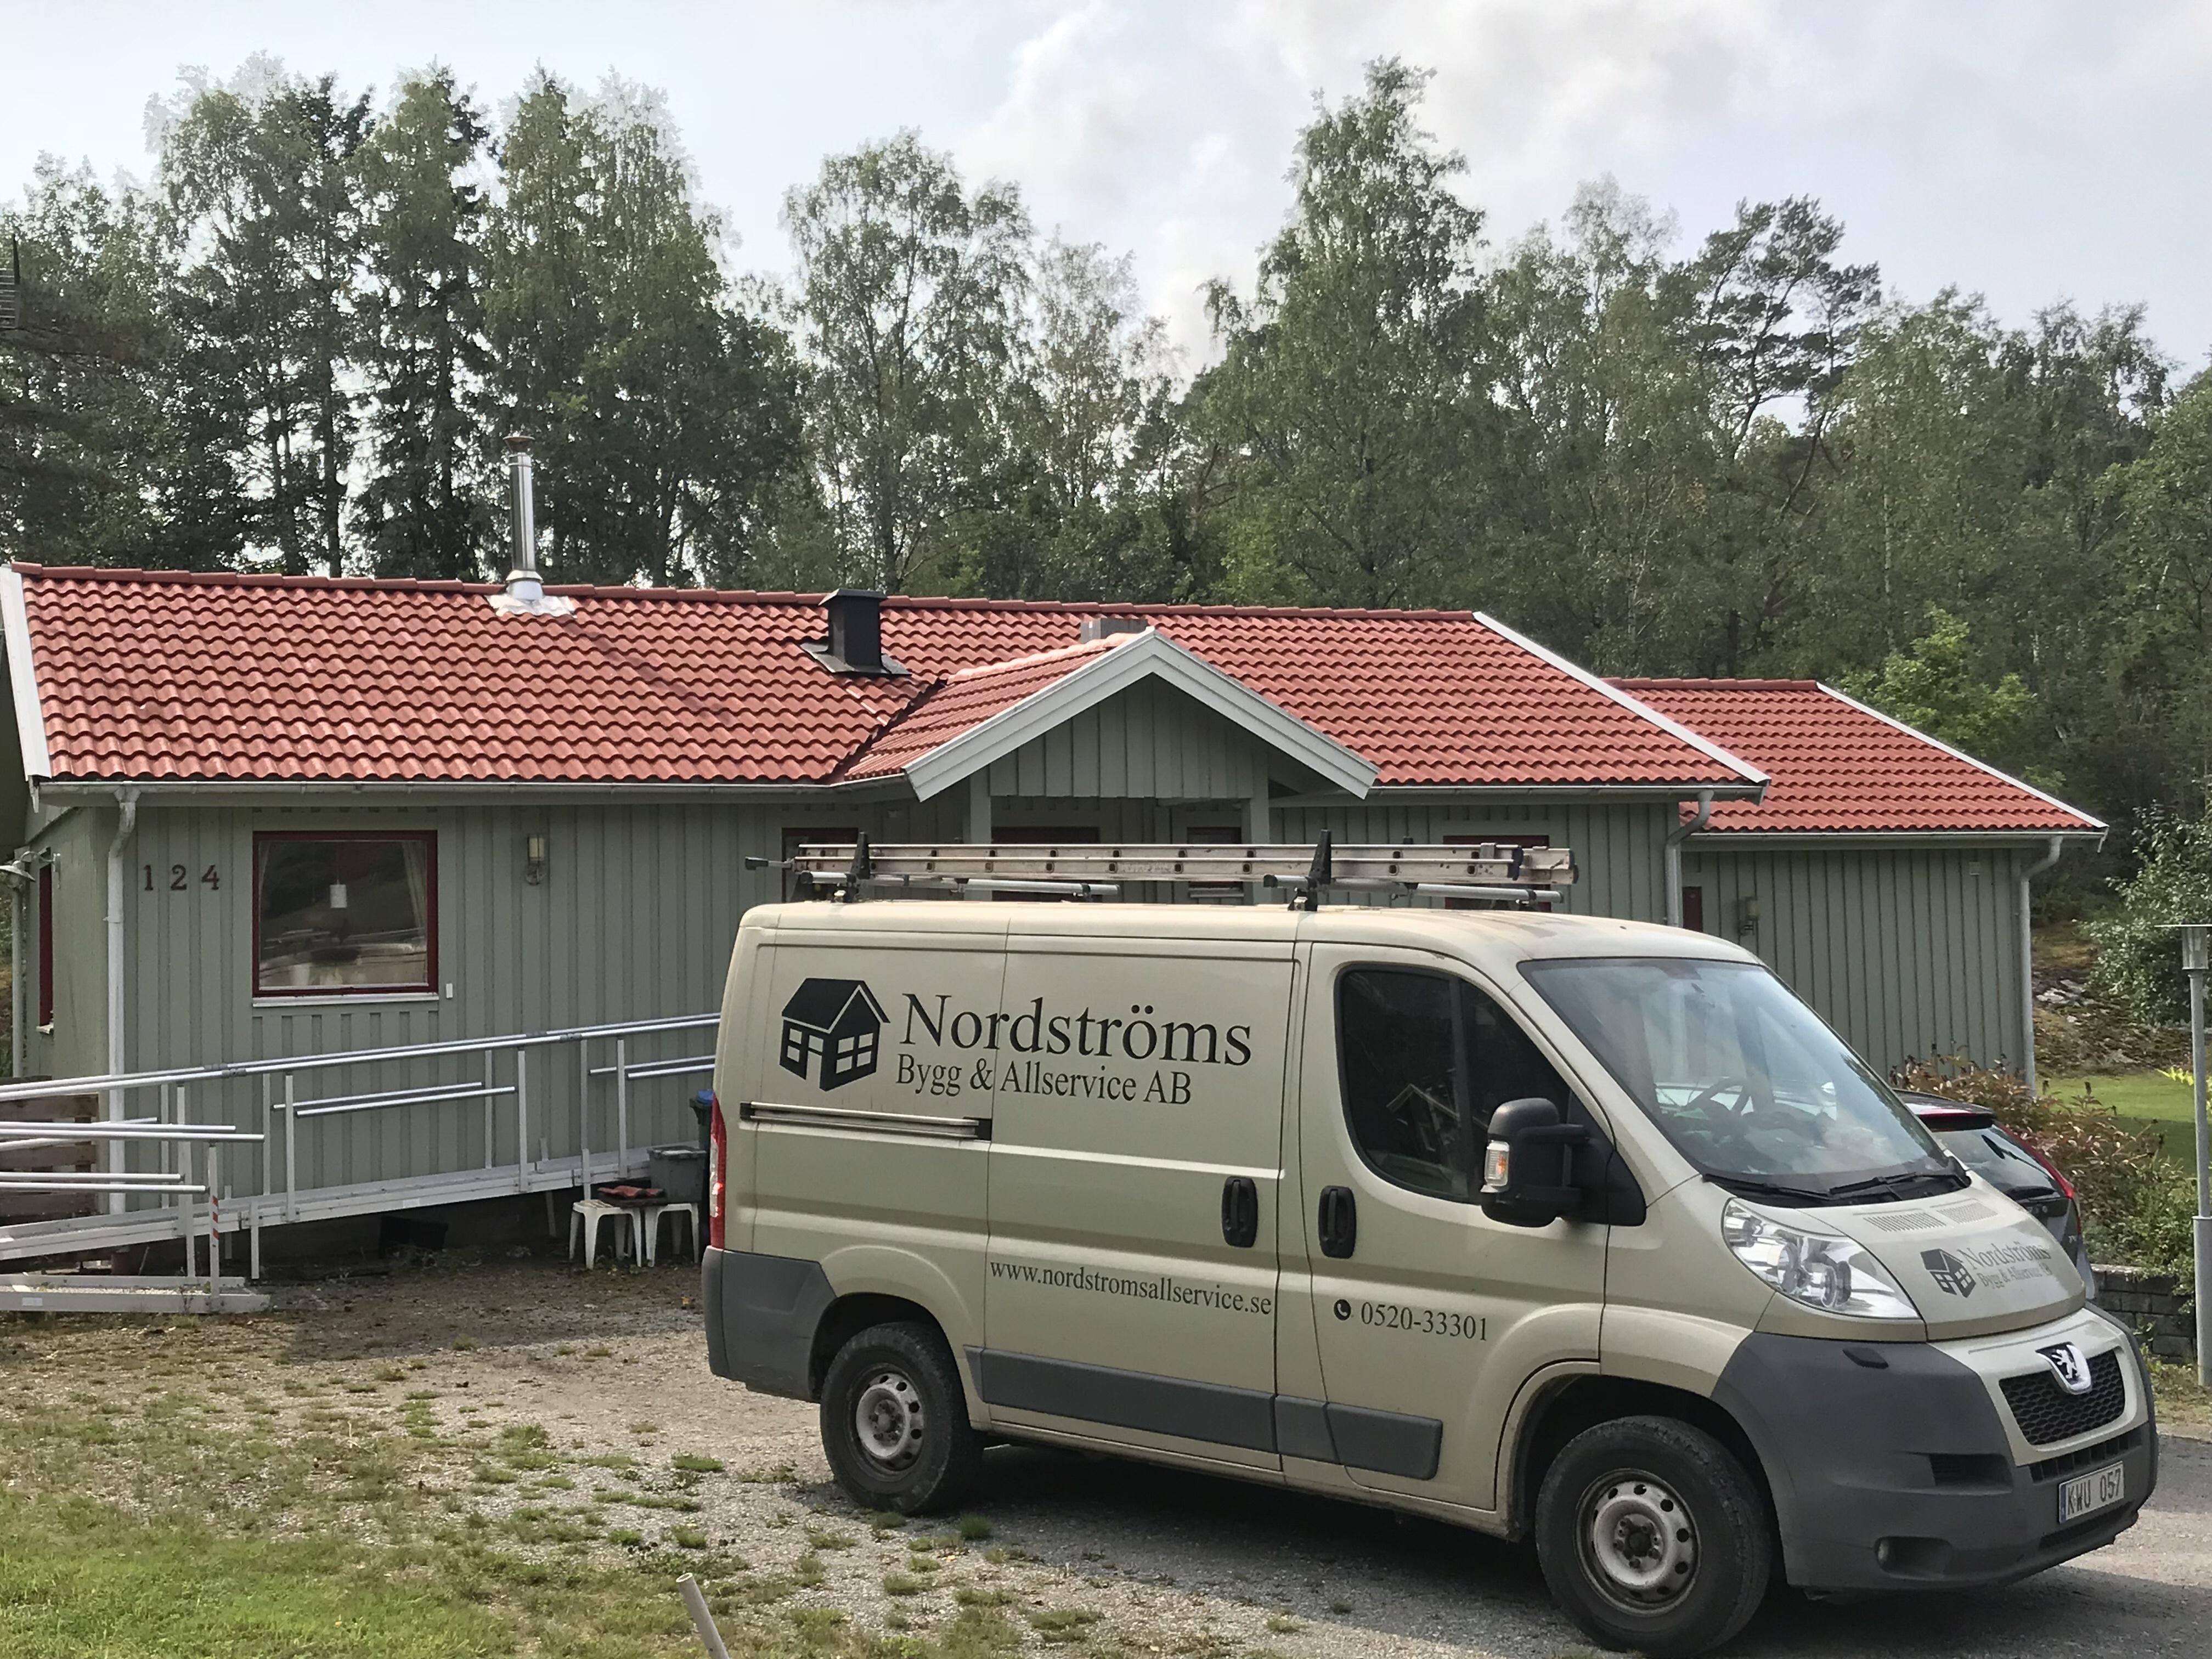 nordströms bygg & allservice ab